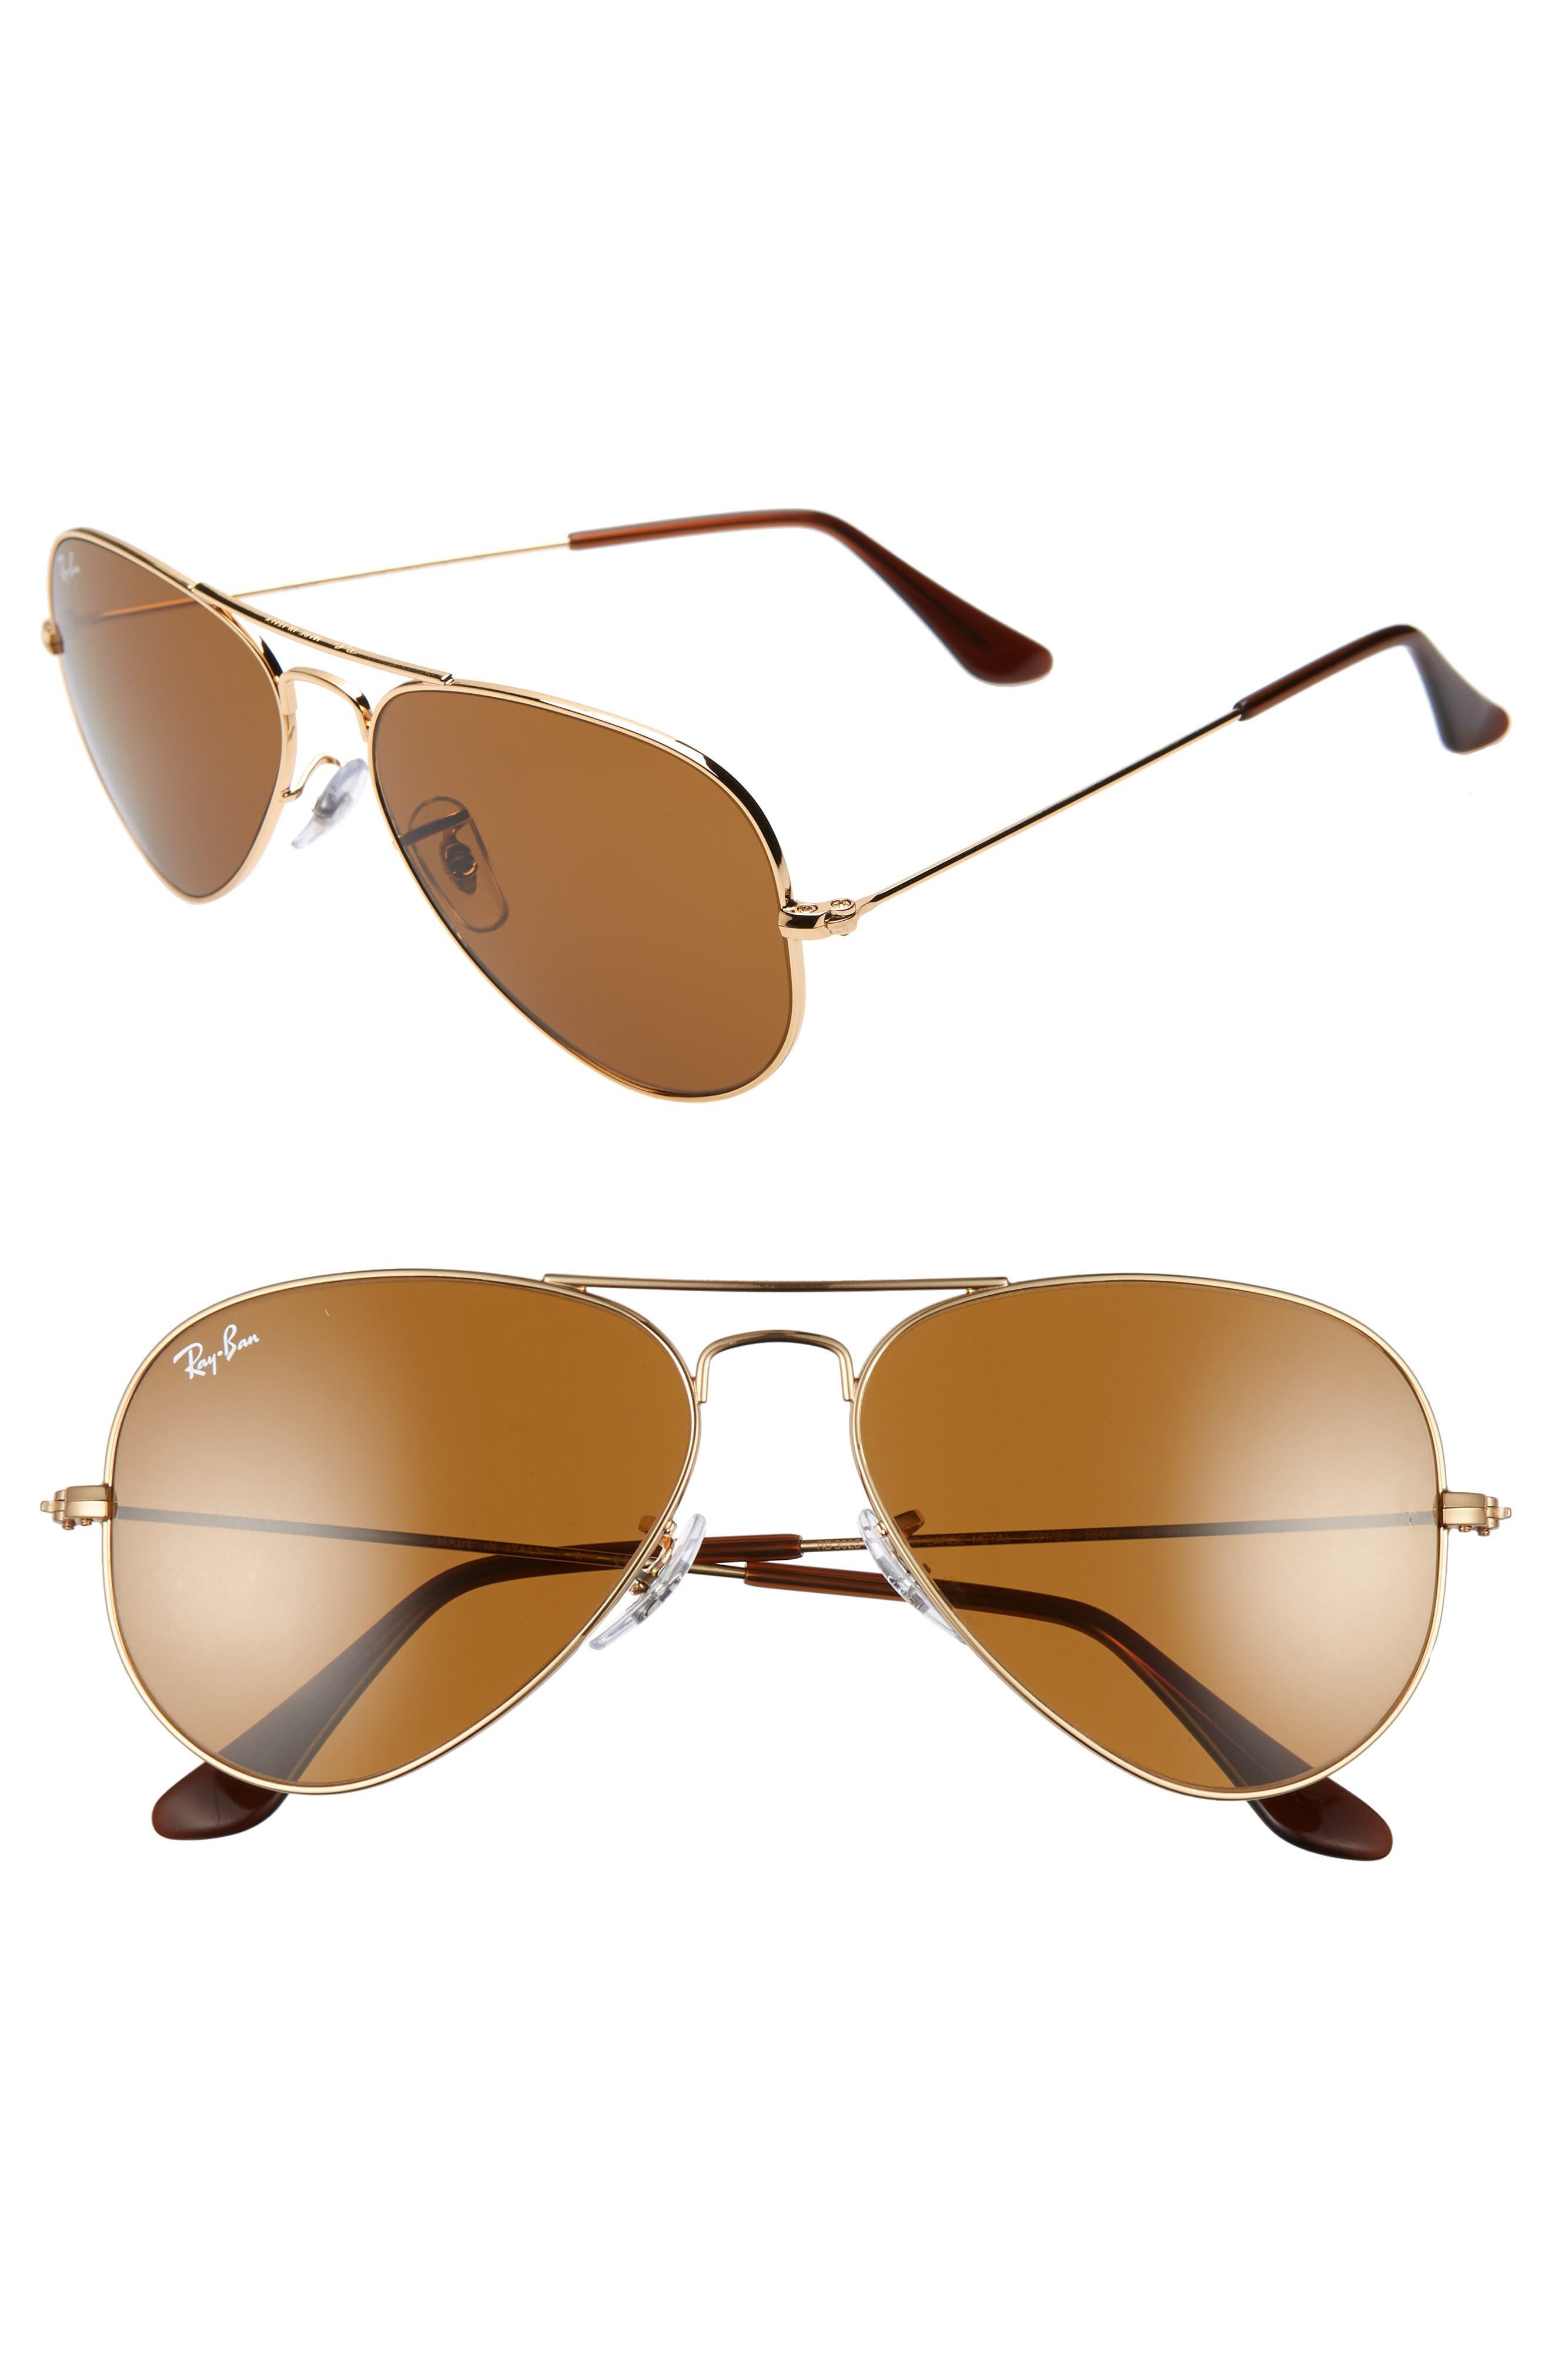 RAY-BAN, Small Original 55mm Aviator Sunglasses, Main thumbnail 1, color, GOLD/ BROWN SOLID